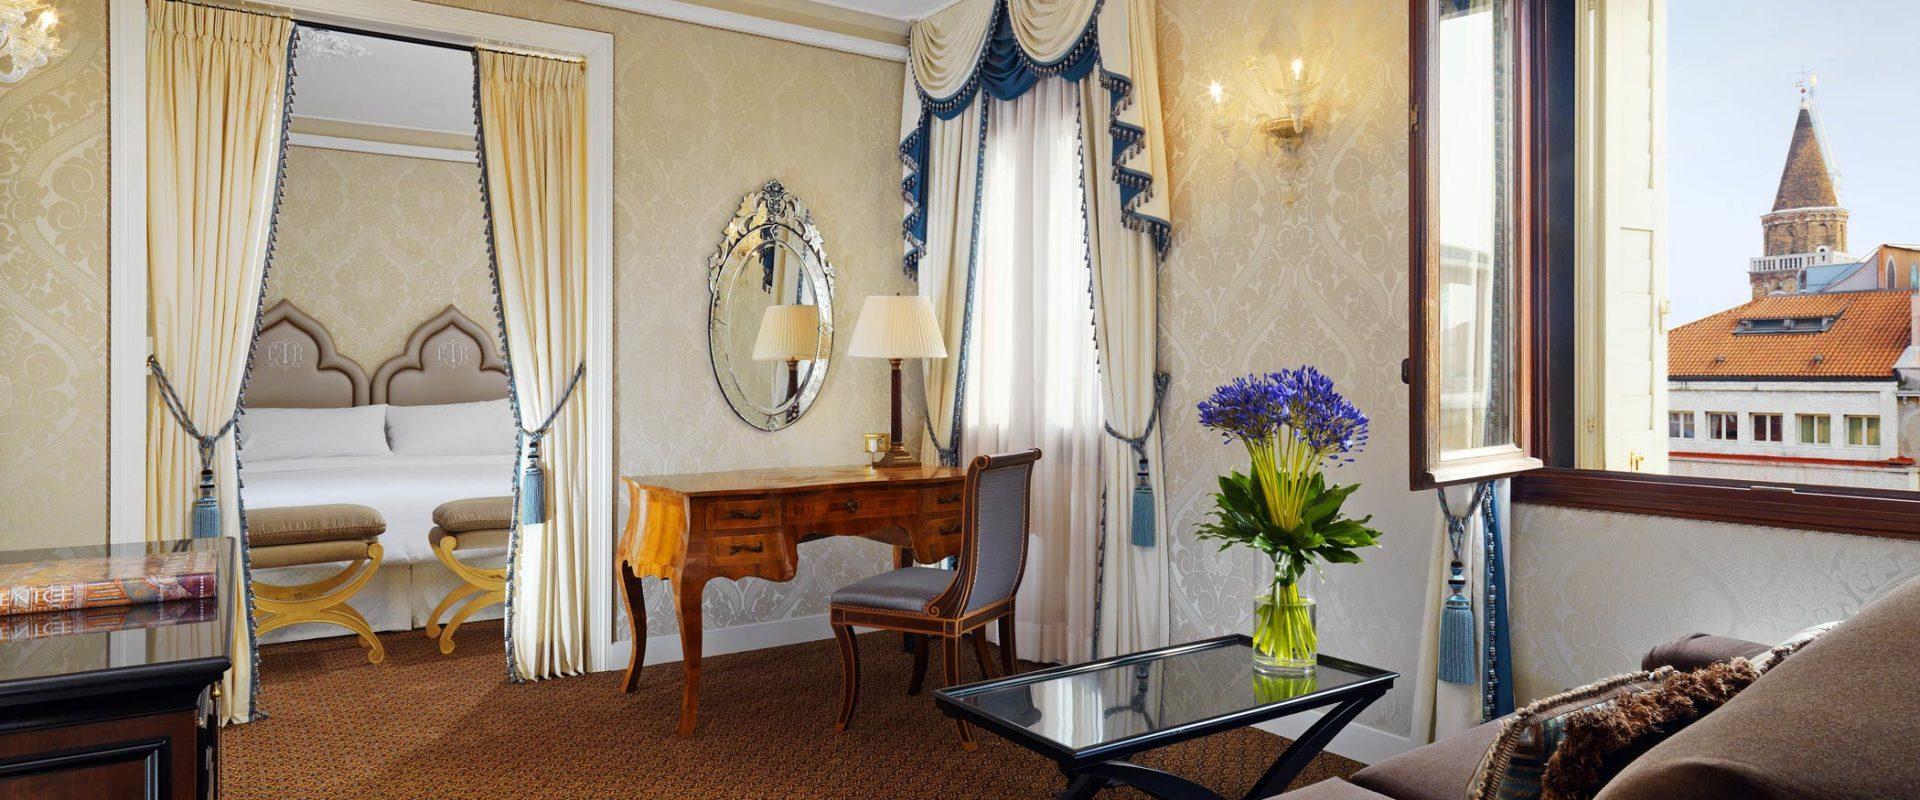 The-Westin-Europa-Regina-Venice-One-Bedroom-Deluxe-Suite